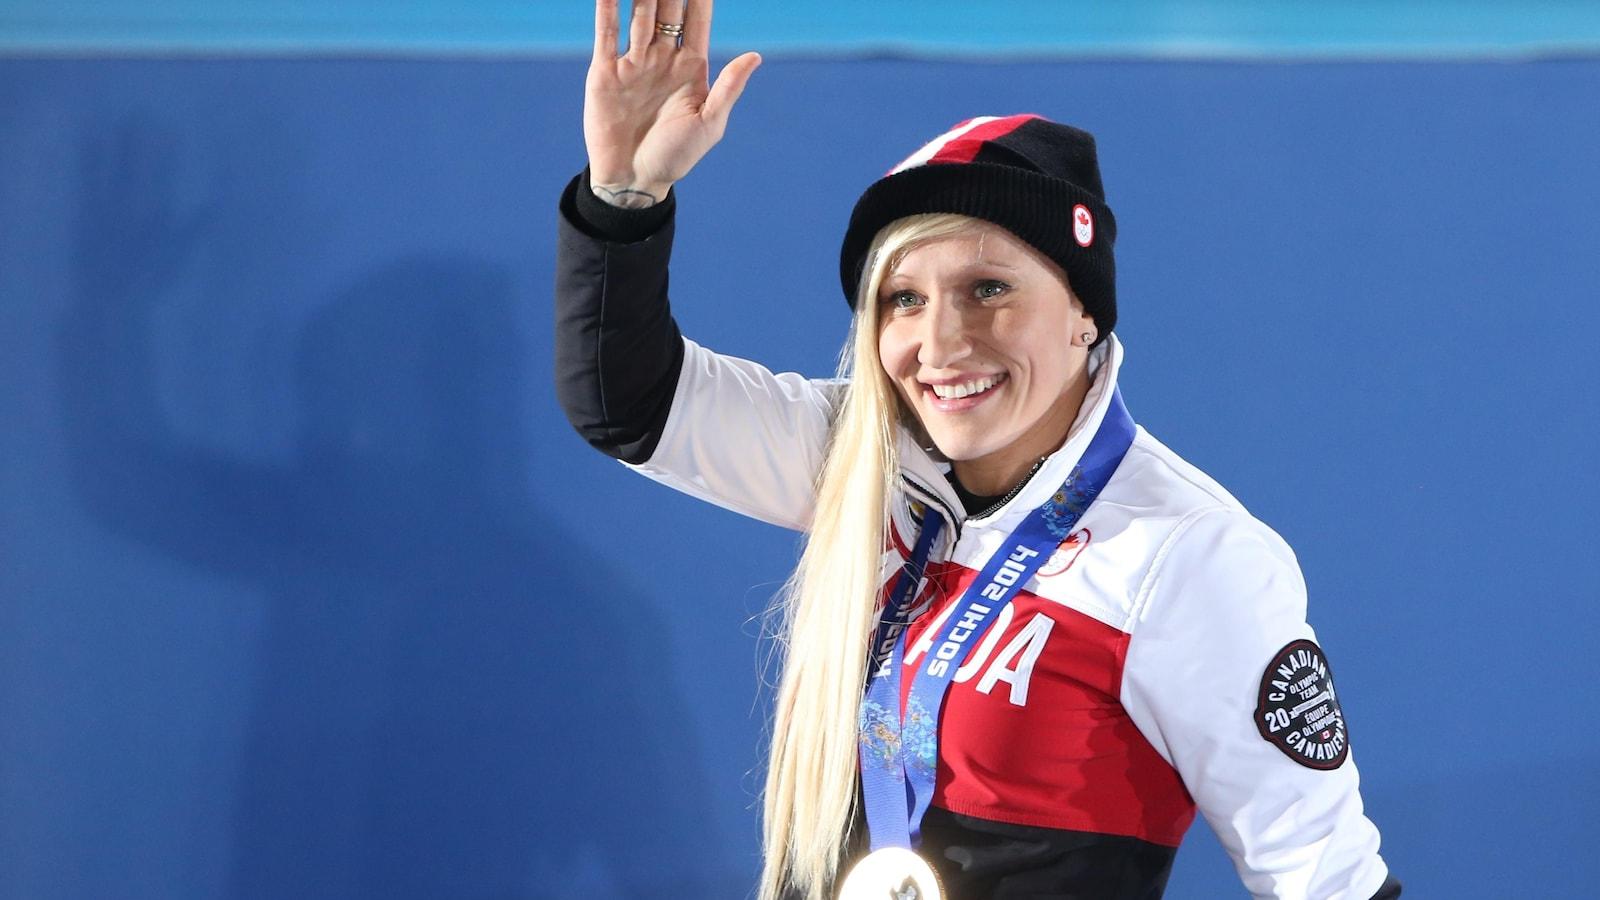 La Canadienne Kaillie Humphries salue la foule après avoir recu sa médaille d'or aux Jeux olympiques de Sotchi, en 2014.